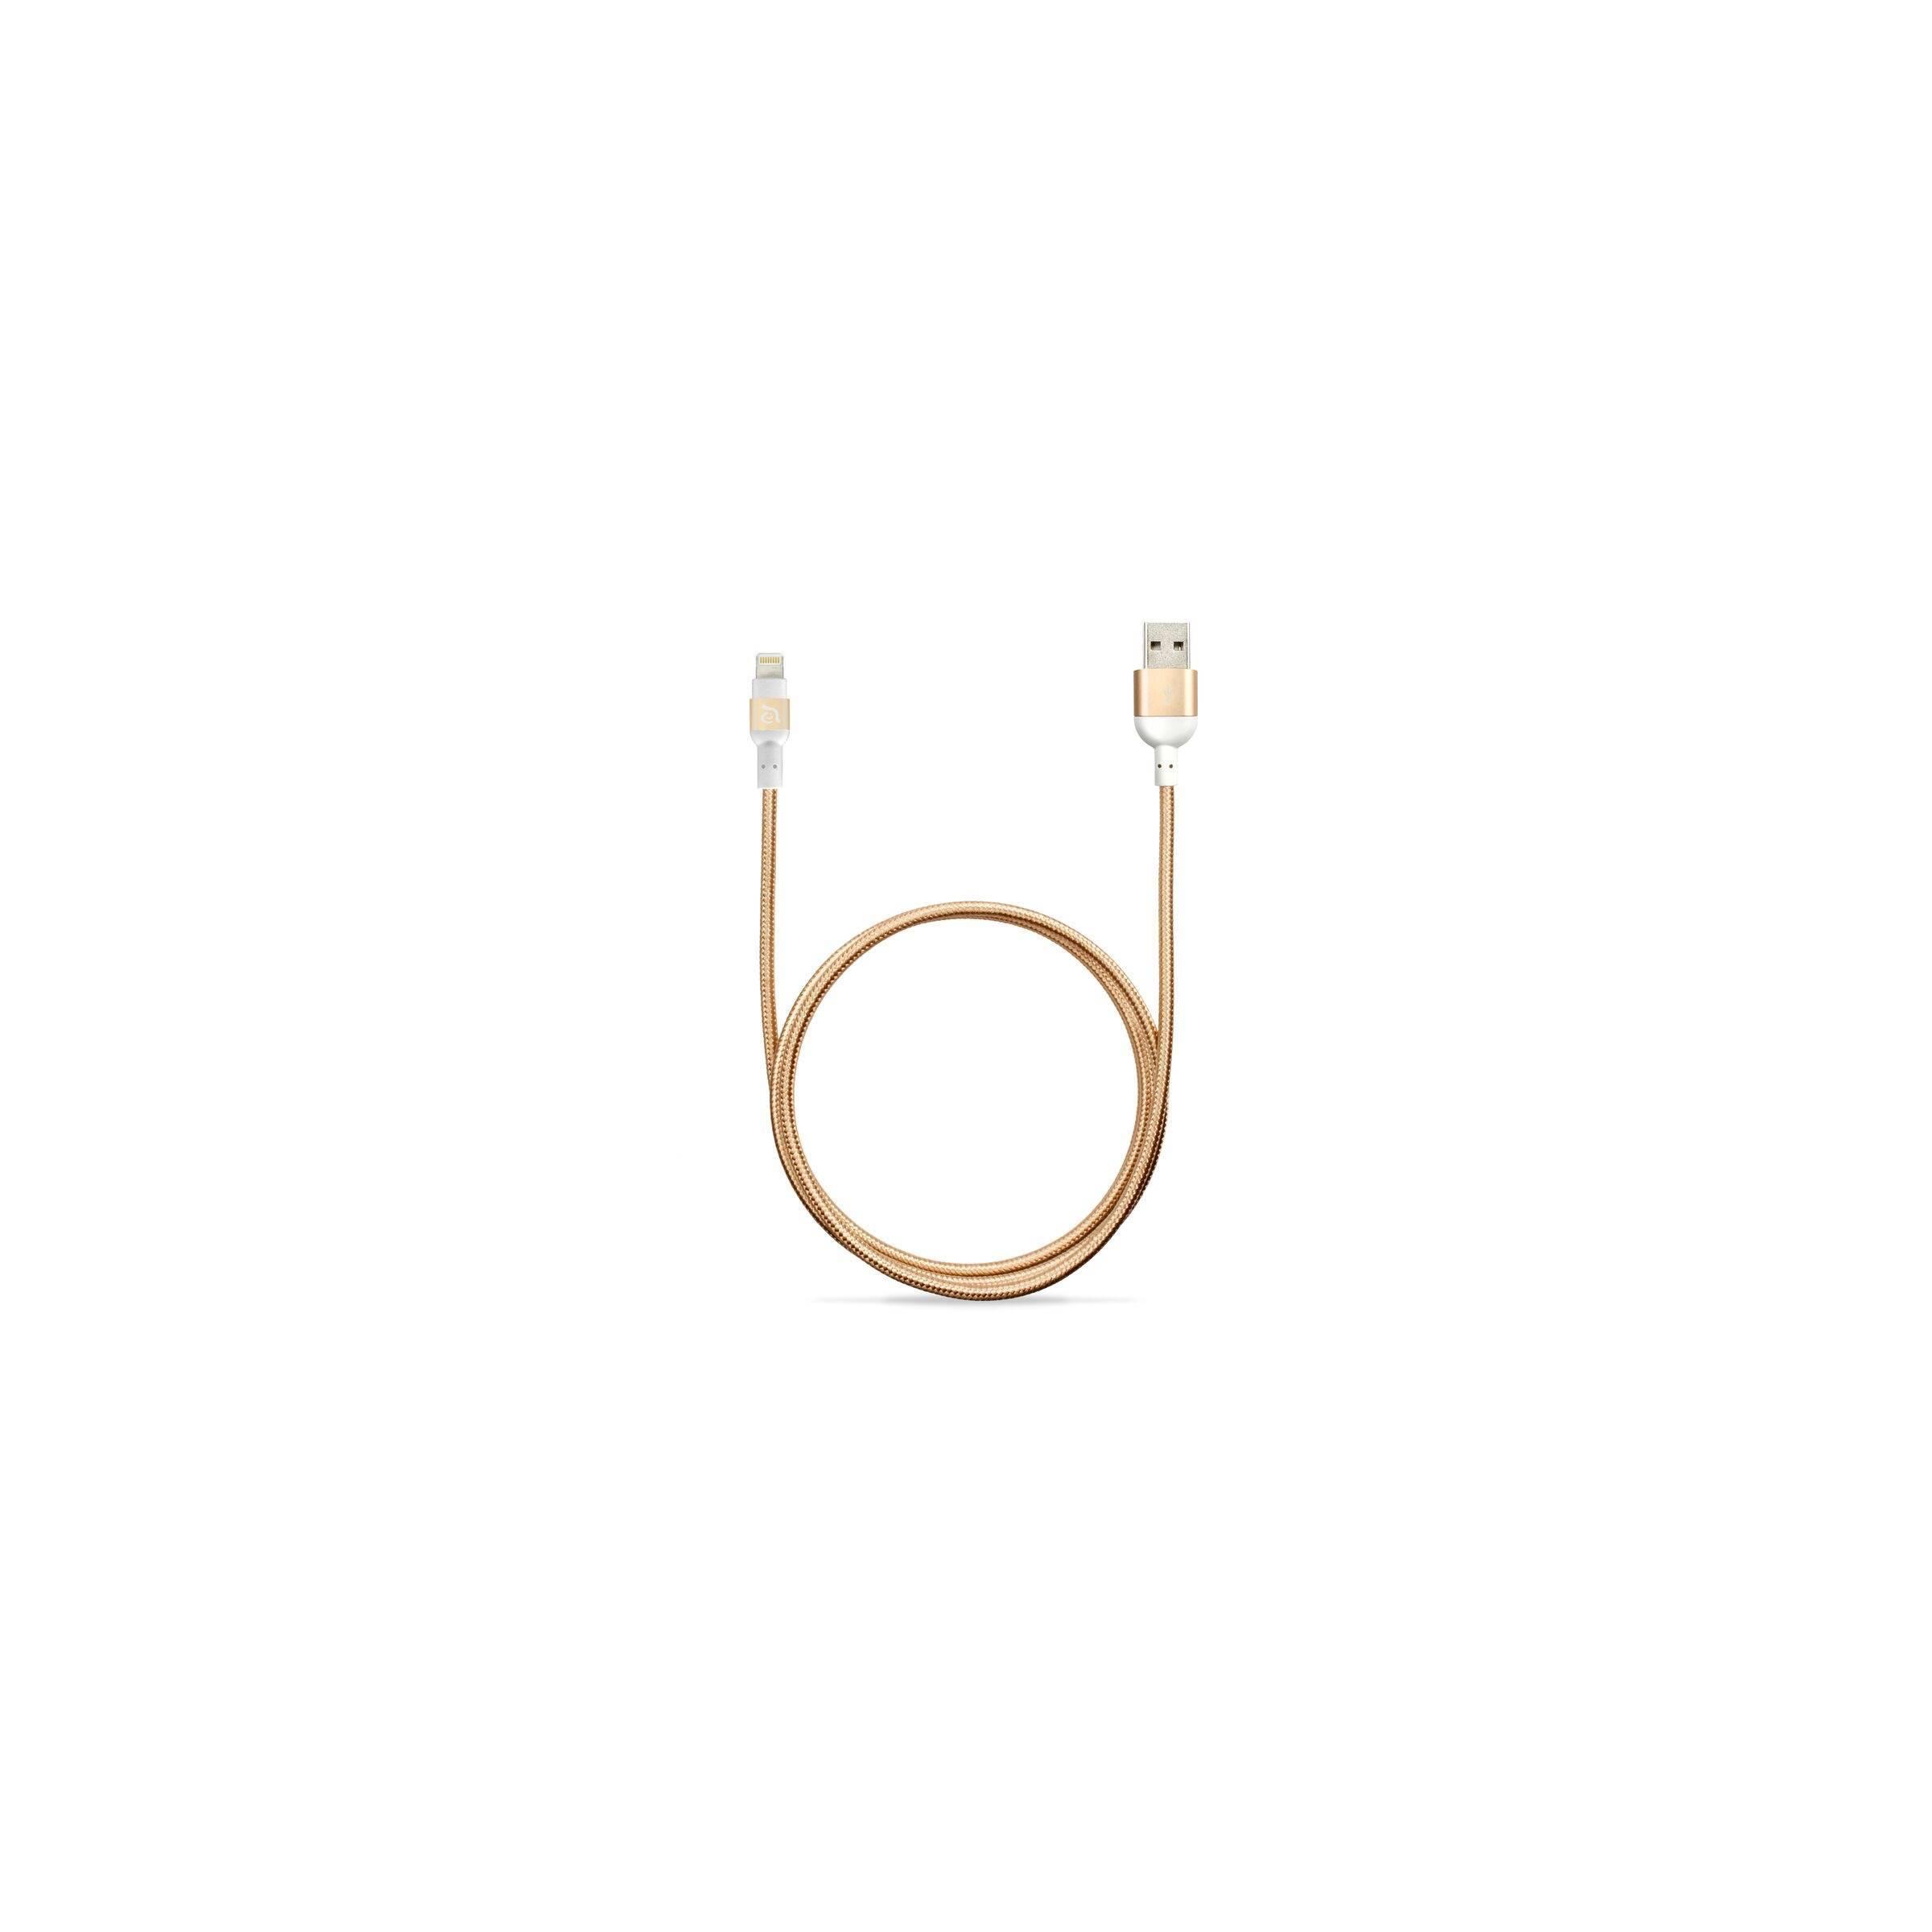 adam elements – Adam elements peak nylon fiber lightning kabel farve guld, længde 2 meter fra mackabler.dk